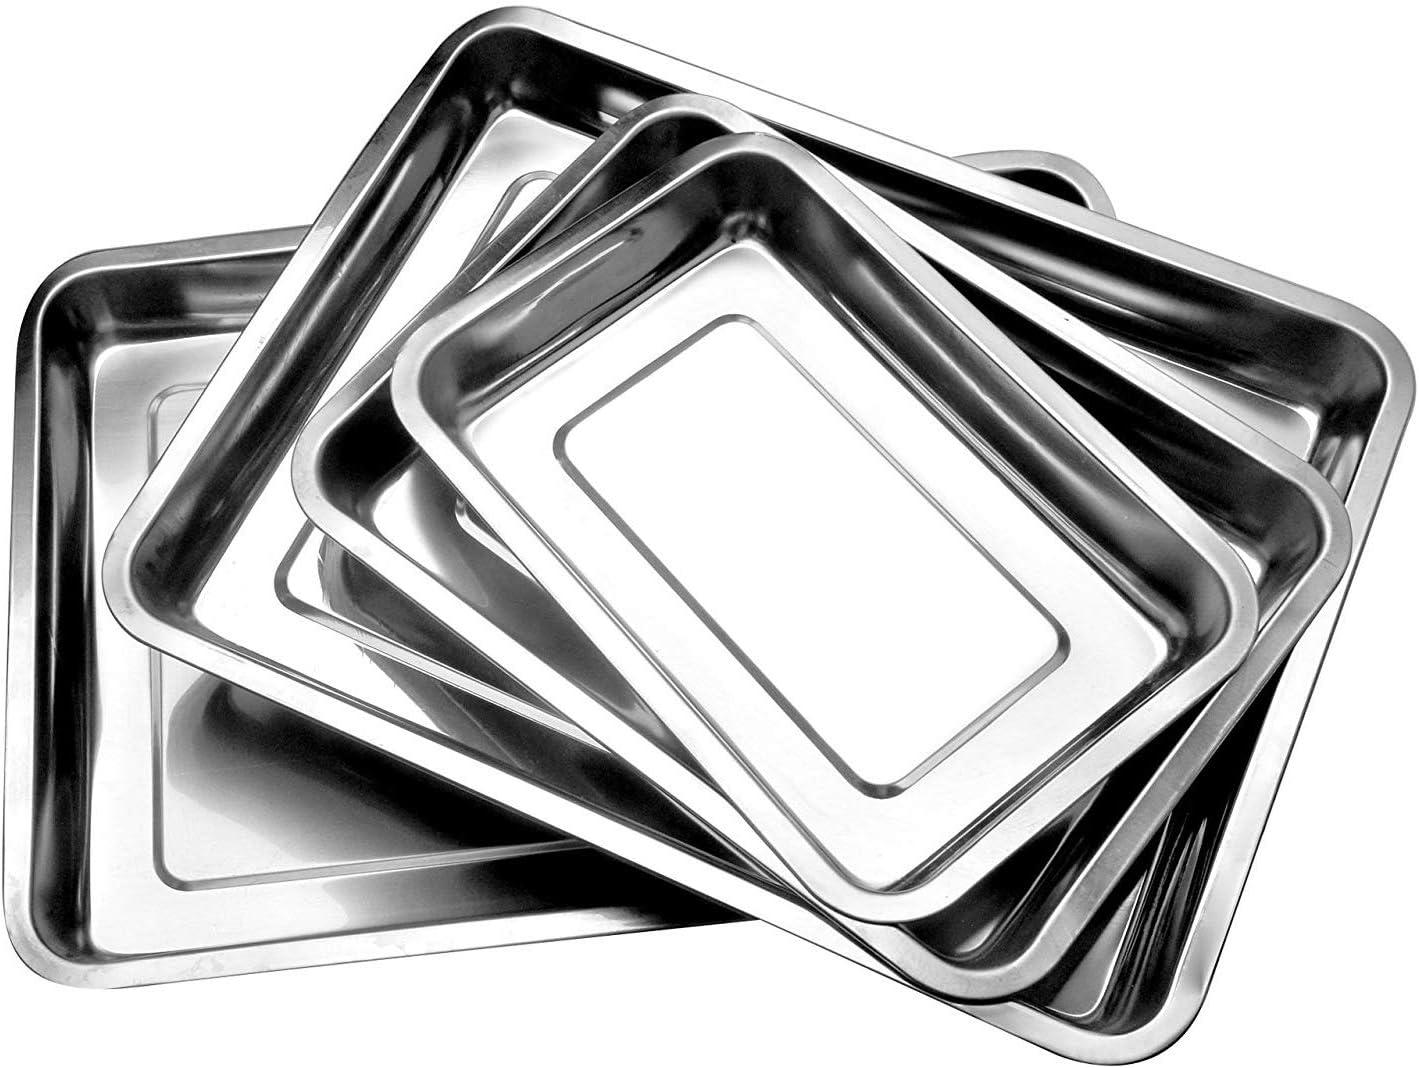 strumenti essenziali per friggitrice ad aria Berriko AF506E // 506M accessori per barbecue e pollo forchetta da cucina Forchetta girevole in acciaio inox per barbecue Myfei